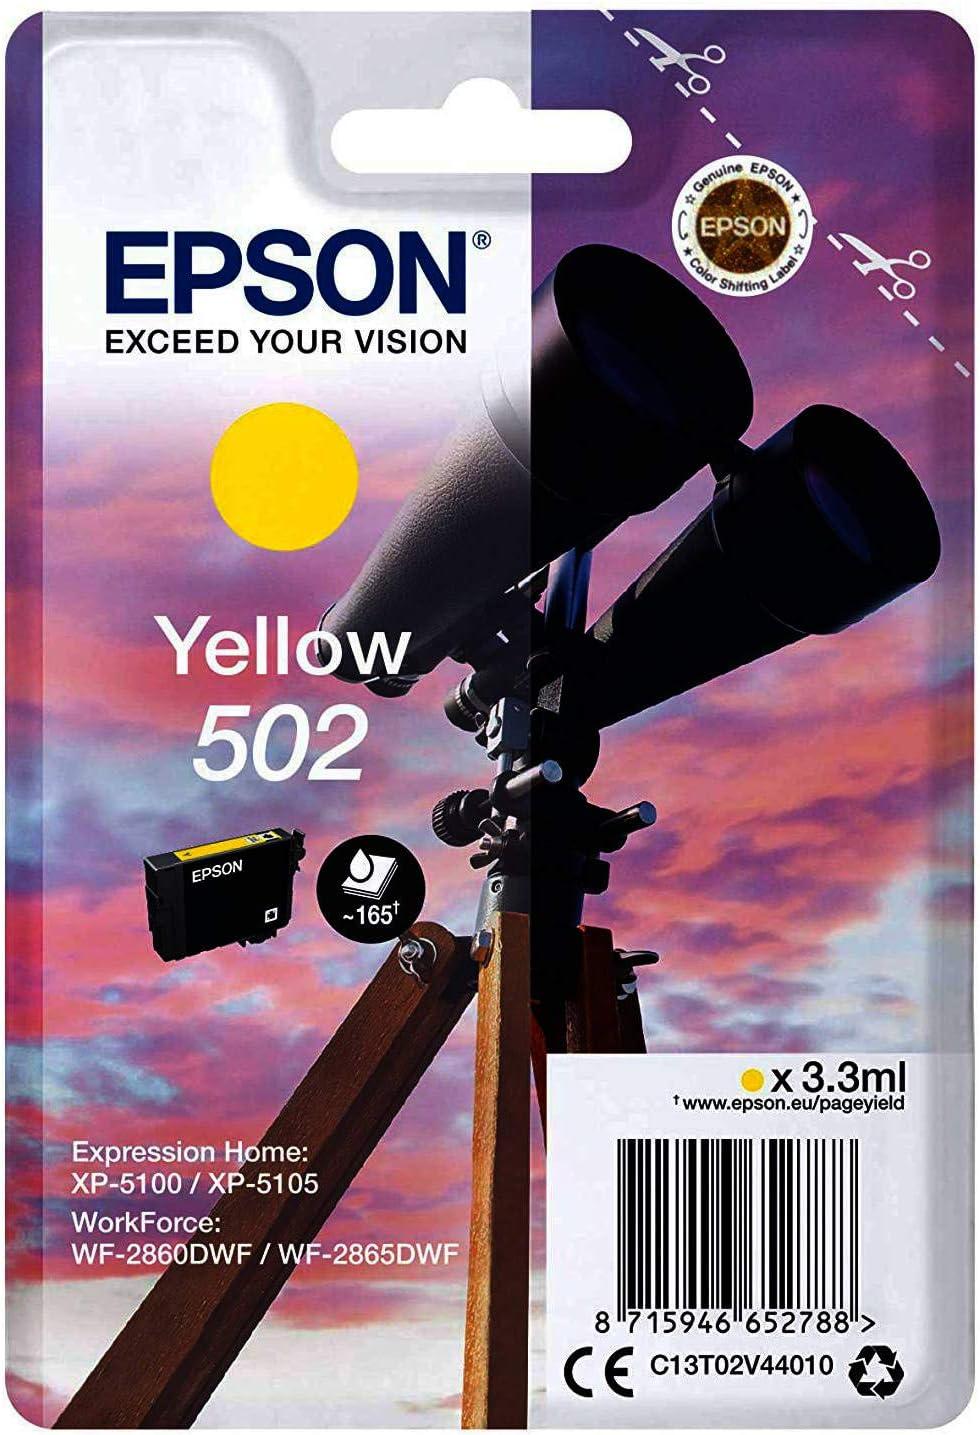 Epson Original 502 Tinte Fernglas Xp 5100 Xp 5105 Wf 2860dwf Wf 2865dwf Amazon Dash Replenishment Fähig Gelb Standard Normalverpackung Bürobedarf Schreibwaren